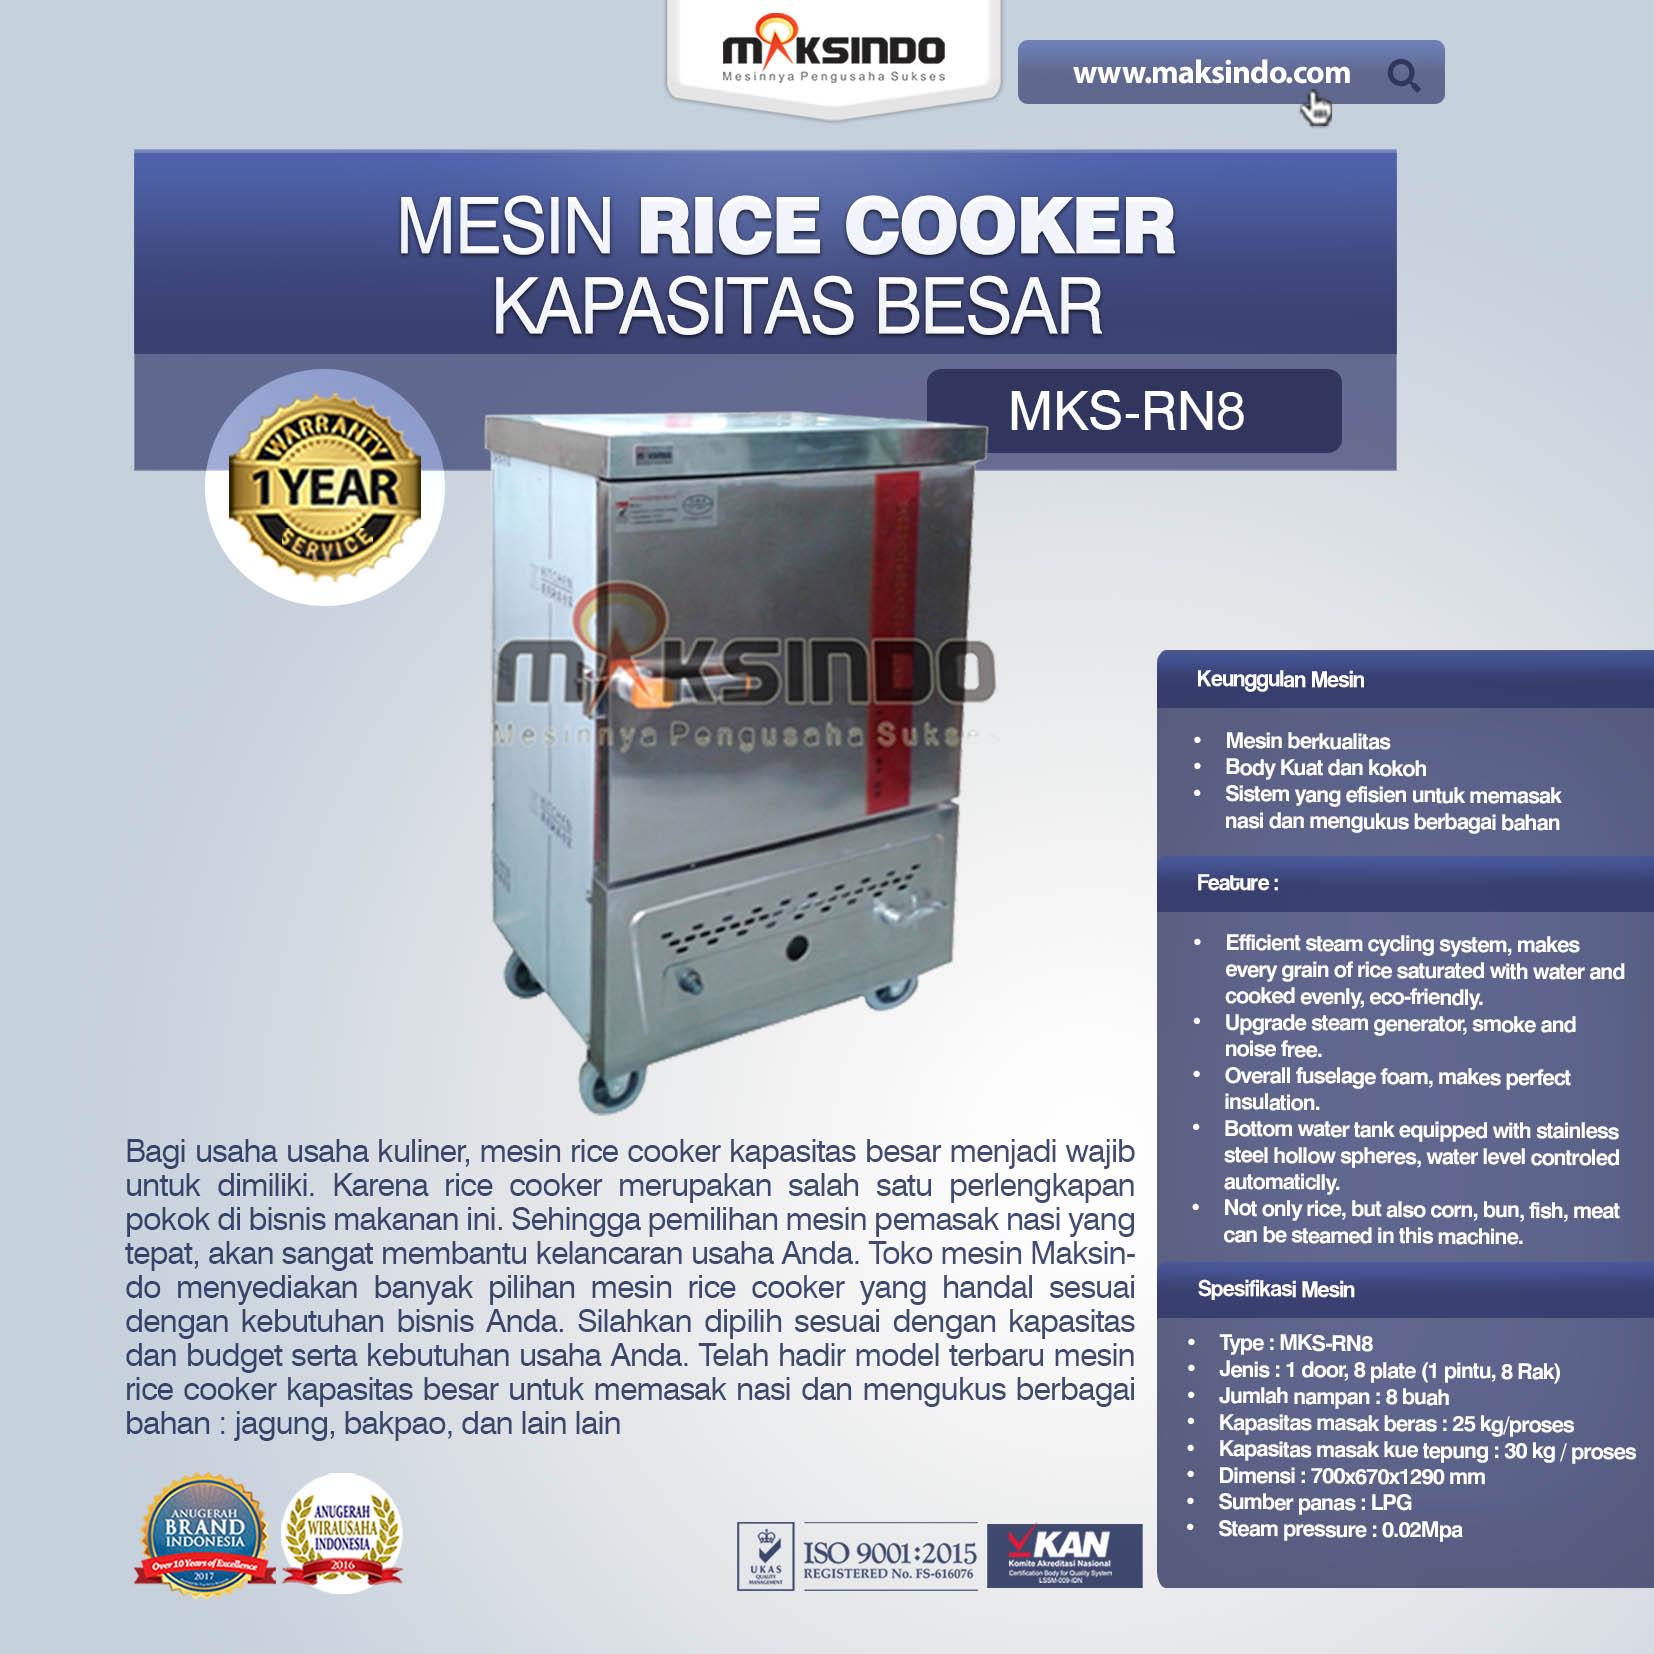 Jual Rice Cooker Kapasitas Besar 25 kg 8 Rak di Makassar